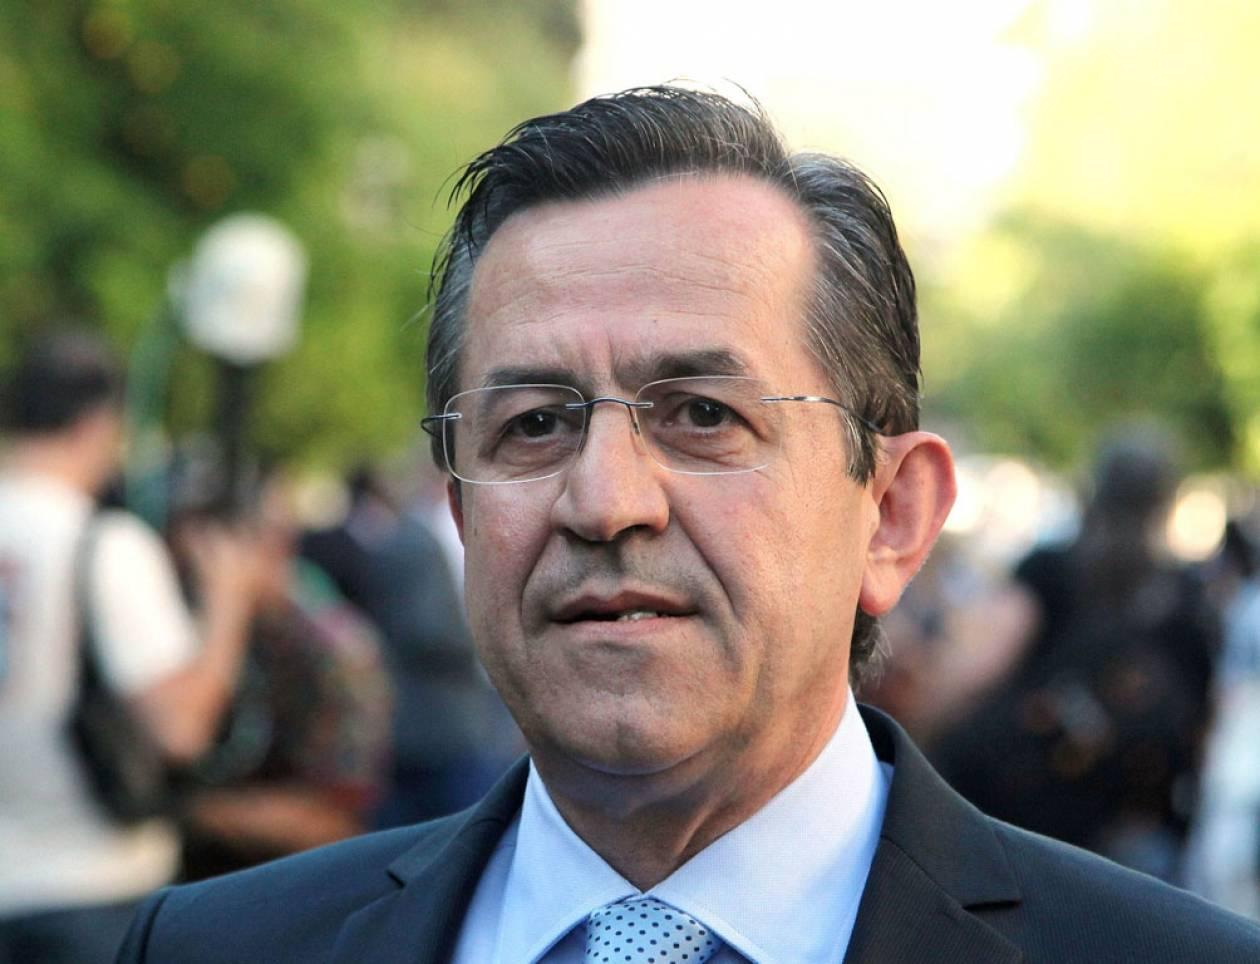 Νικολόπουλος: Ας μην τους χαρίσουμε άλλη ευκαιρία